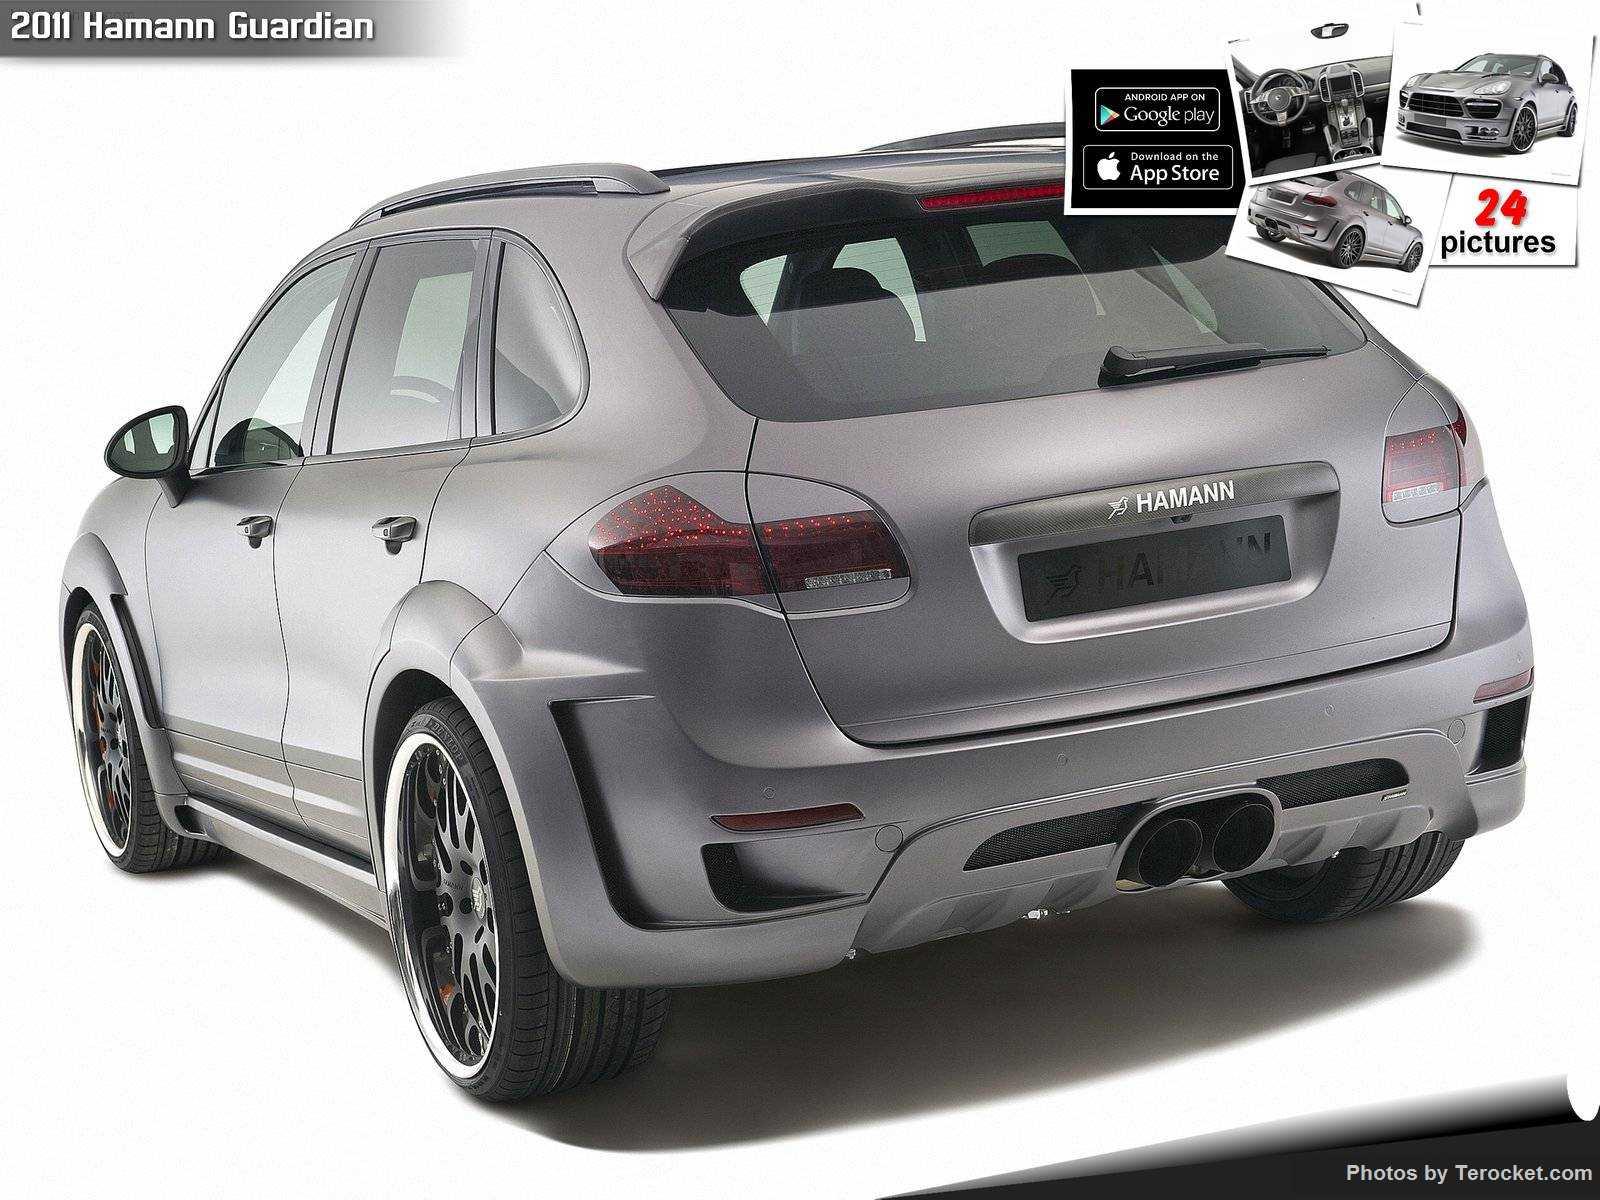 Hình ảnh xe ô tô Hamann Guardian 2011 & nội ngoại thất